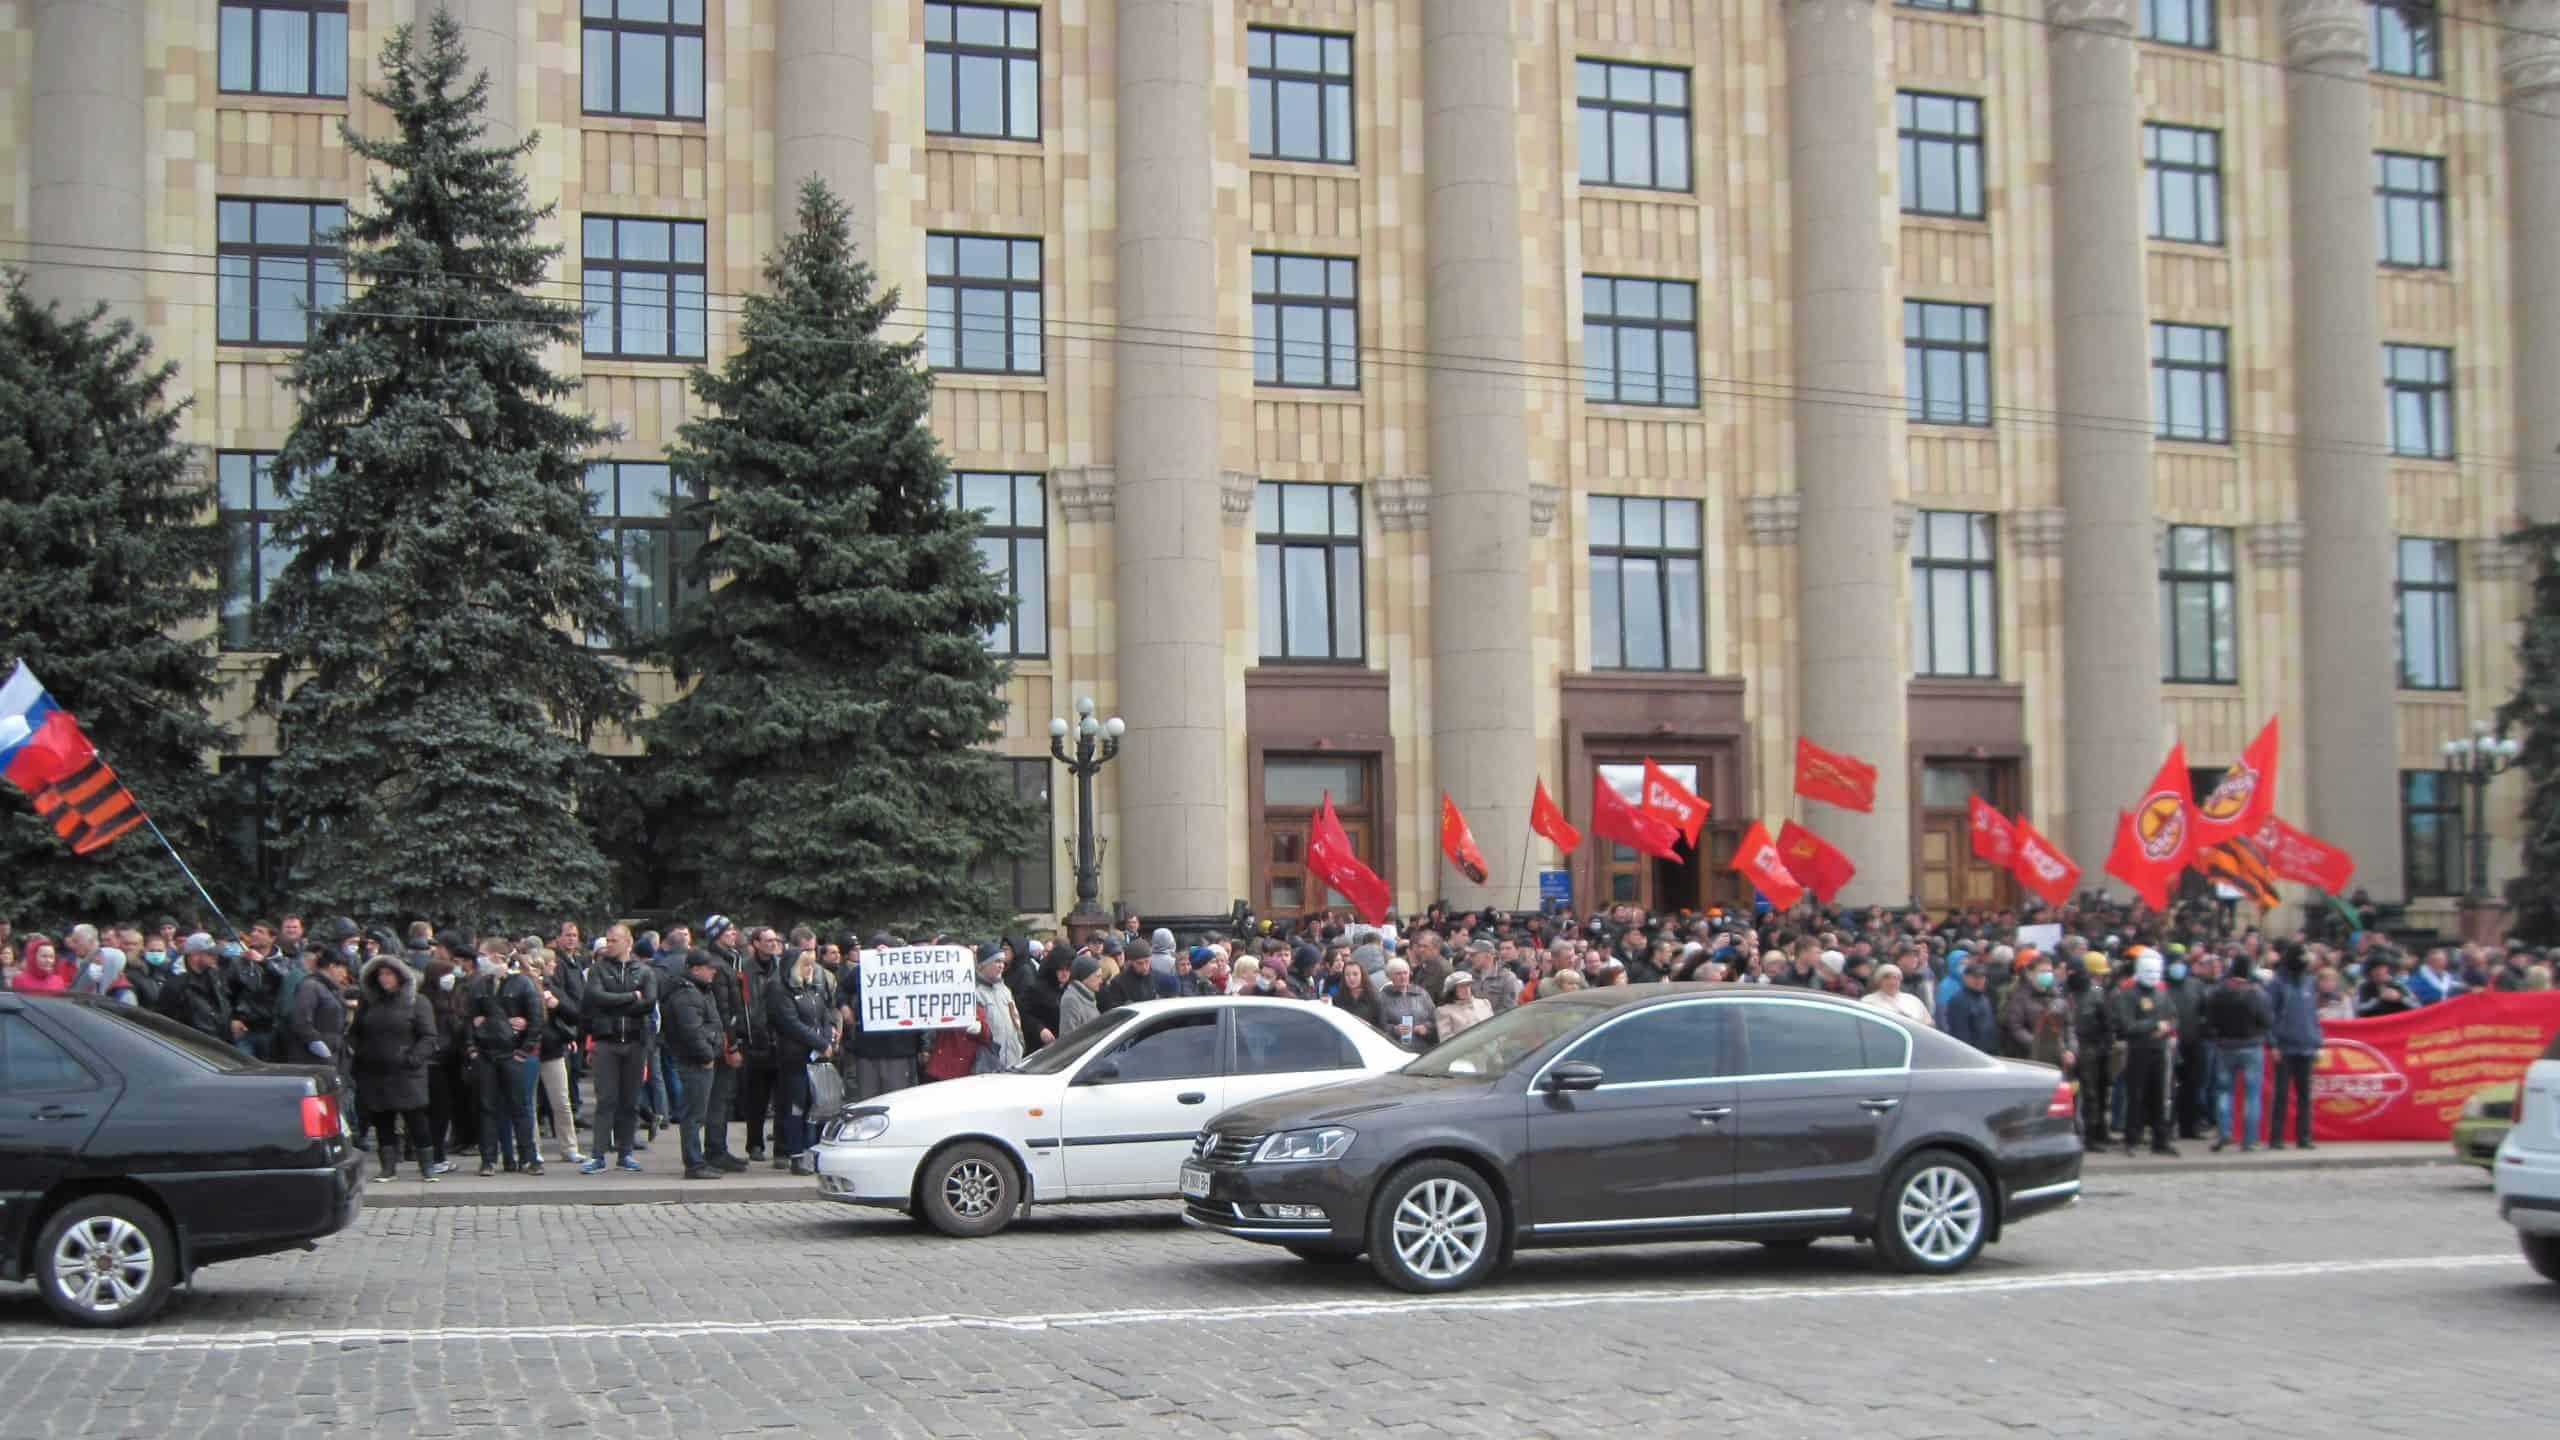 Захоплена російськими найманцями і проросійськи громадянами України Харківська ОДА. 7 квітня 2014